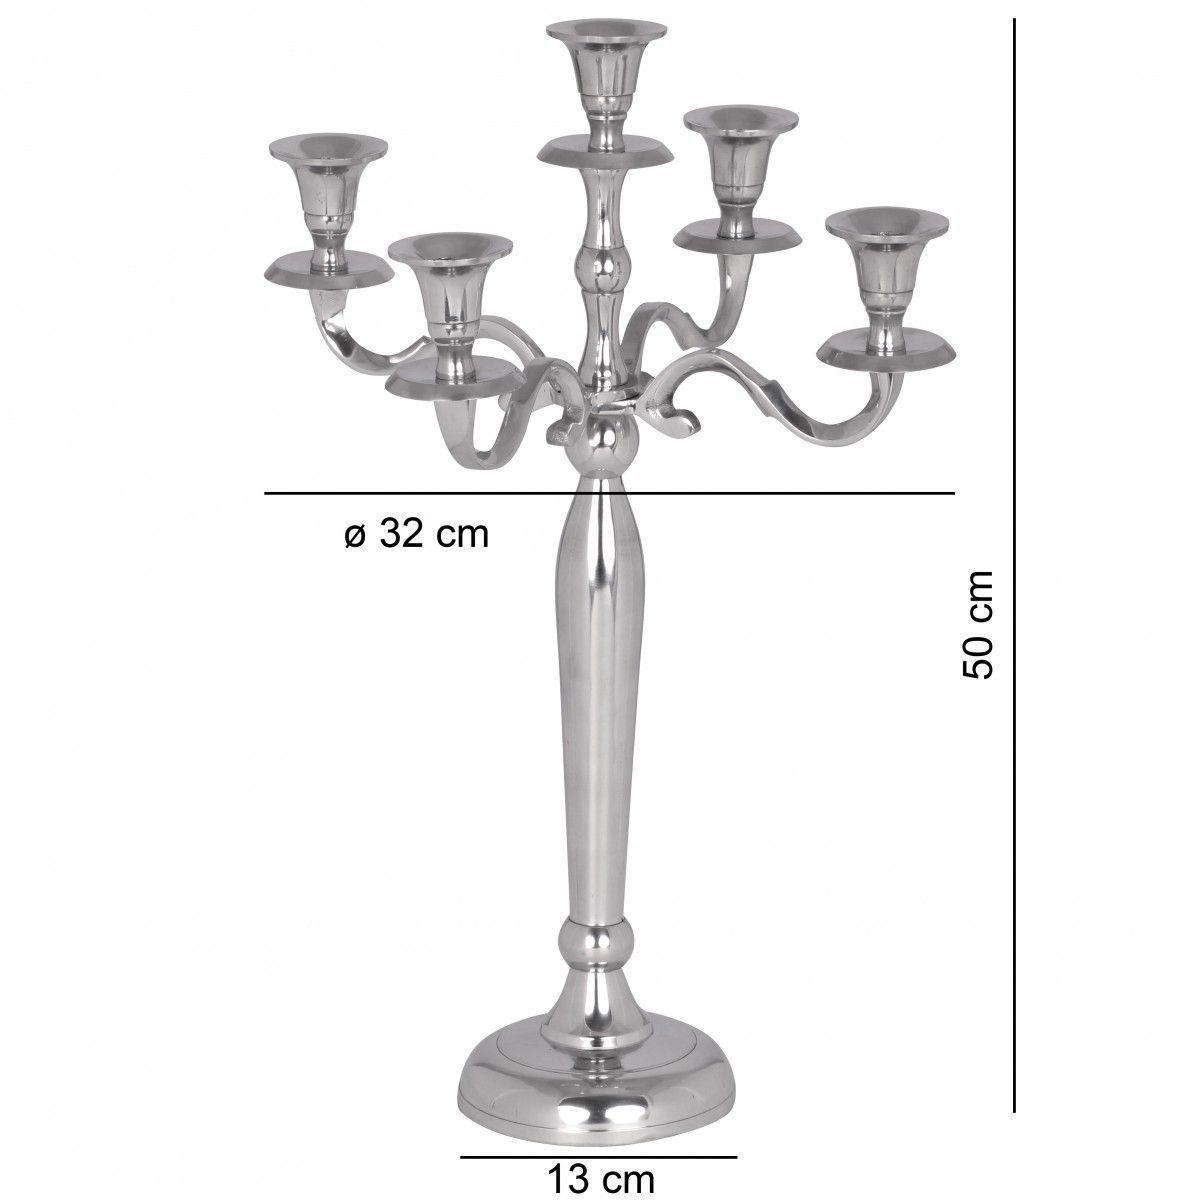 Chandelier 50 cm à 5 branches en aluminium coloris argent